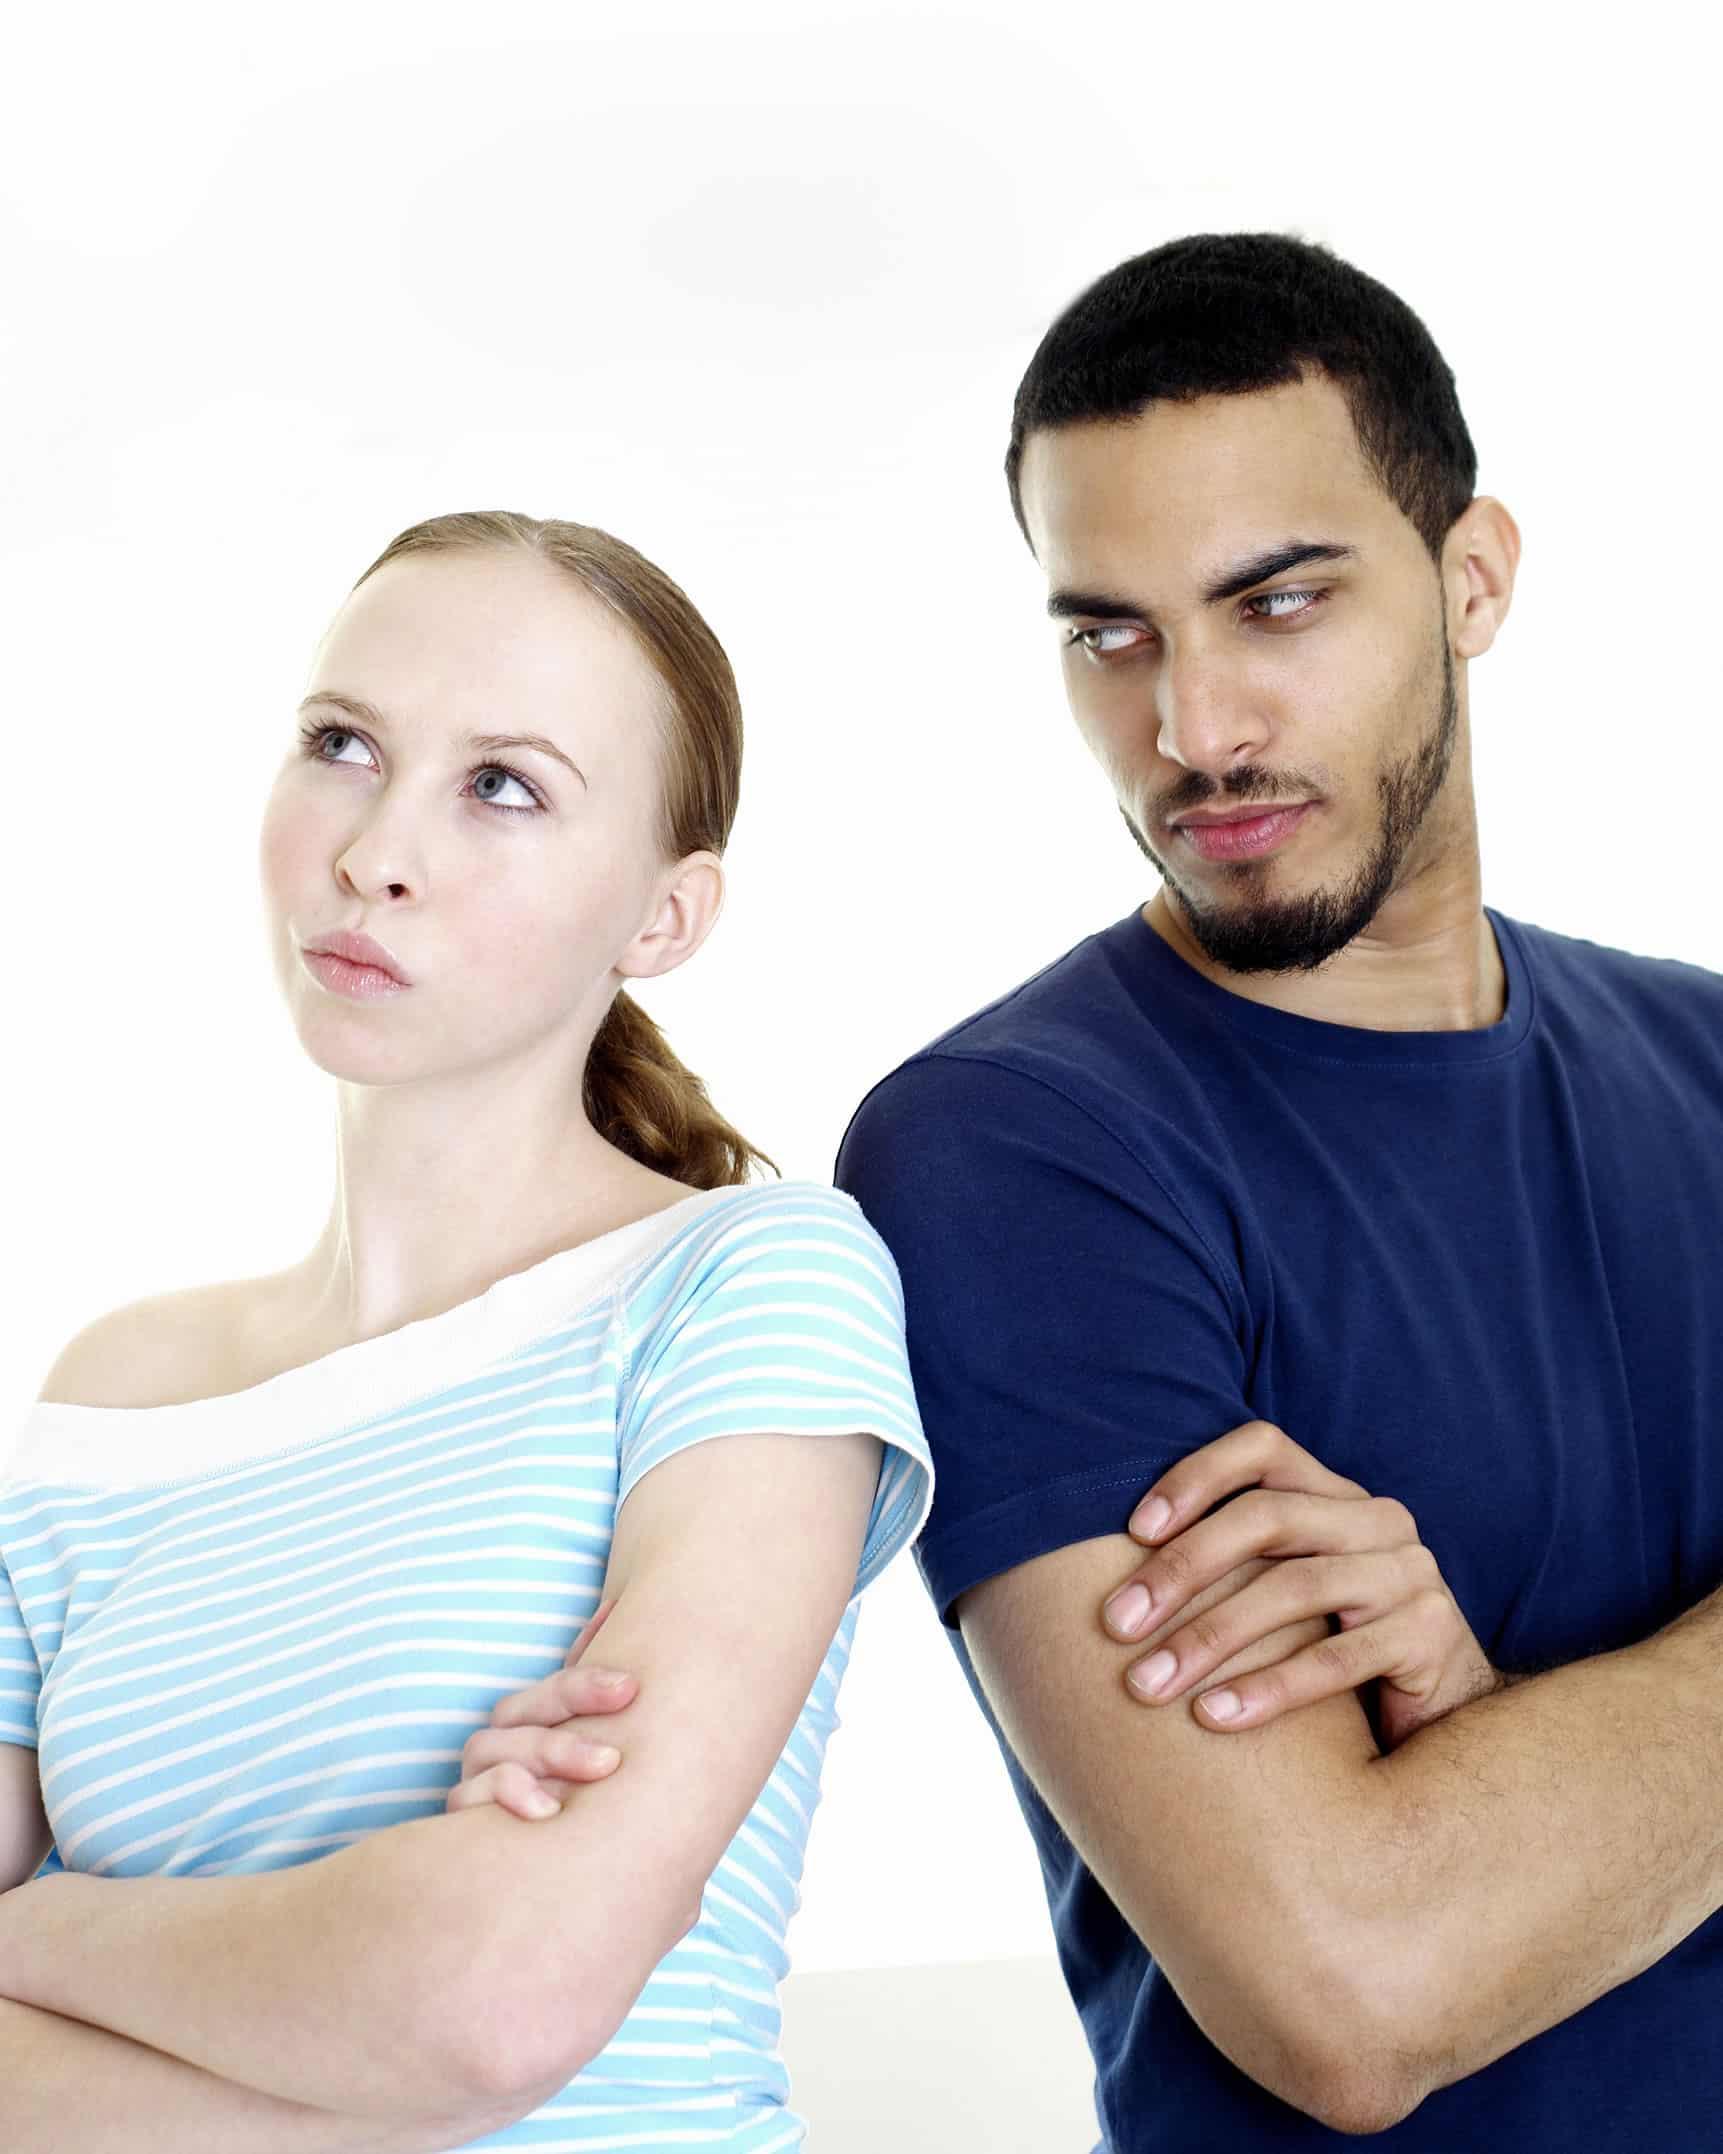 Um ou ambos se tornam disfuncionais durante um conflito. Sabemos, pela pesquisa do psicólogo americano John Gottman, que o modo como um casal lida com o conflito é um dos melhores indicadores de que o relacionamento deles irá ou não continuar. Talvez você ou seu parceiro desligue, ataque ou seja vingativo ou passivo-agressivo. Infelizmente, não há escassez de formas disfuncionais de lidar com conflitos o que serve para tornar o problema original muito pior, esse também é um indício de necessidade de terapia de casal rj.